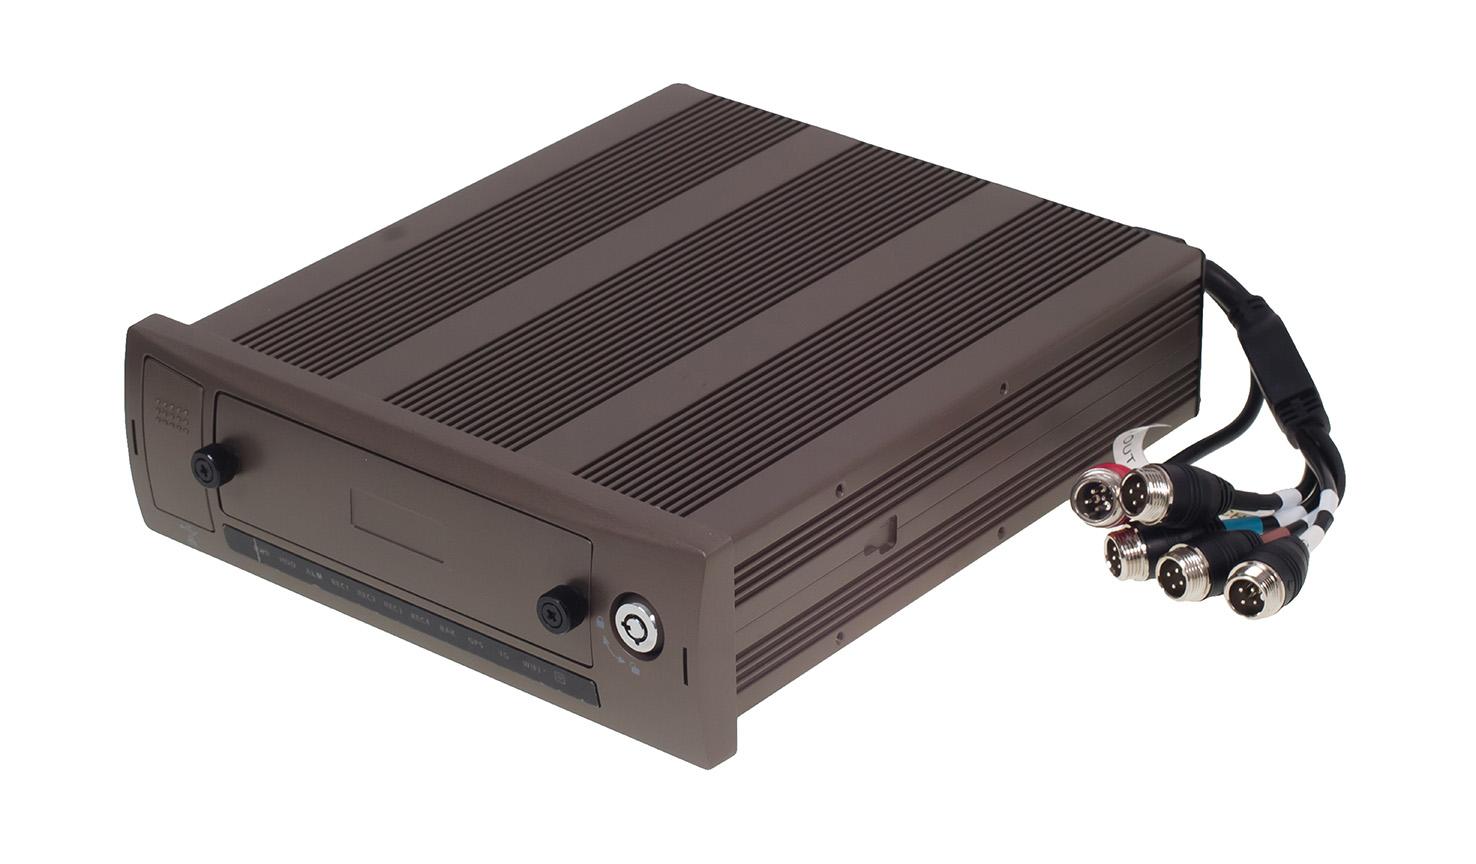 Rvi видеорегистратор 3g видеорегистратор с функцией радар детектора